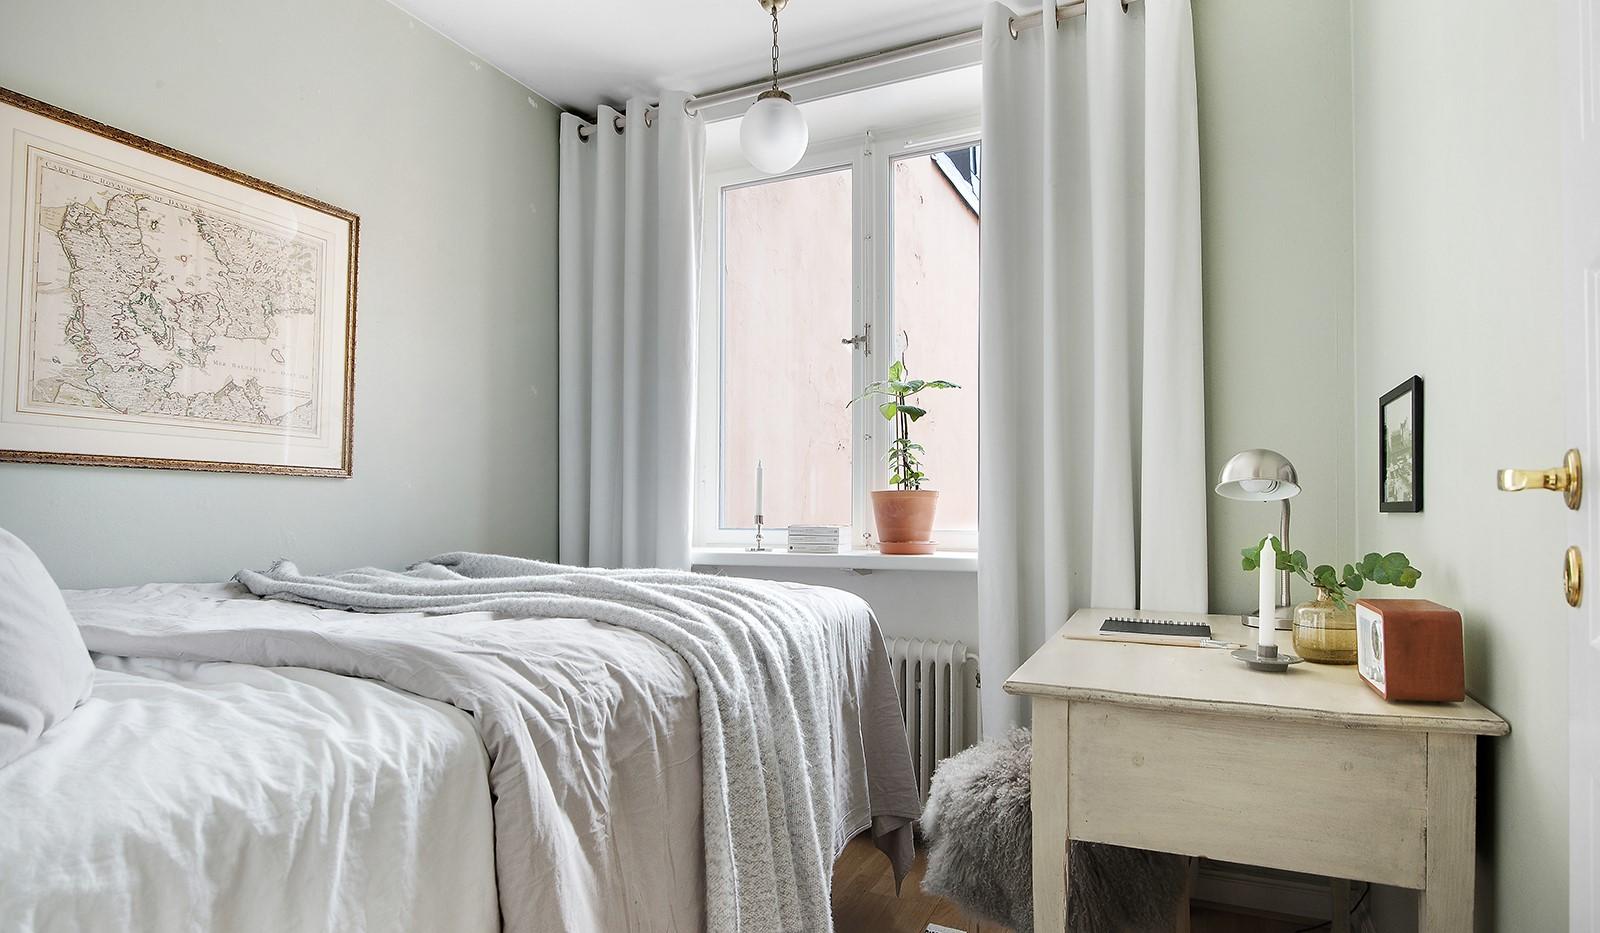 Östgötagatan 32, 4tr - Sovrum, även här fönster mot innergård, utan insyn